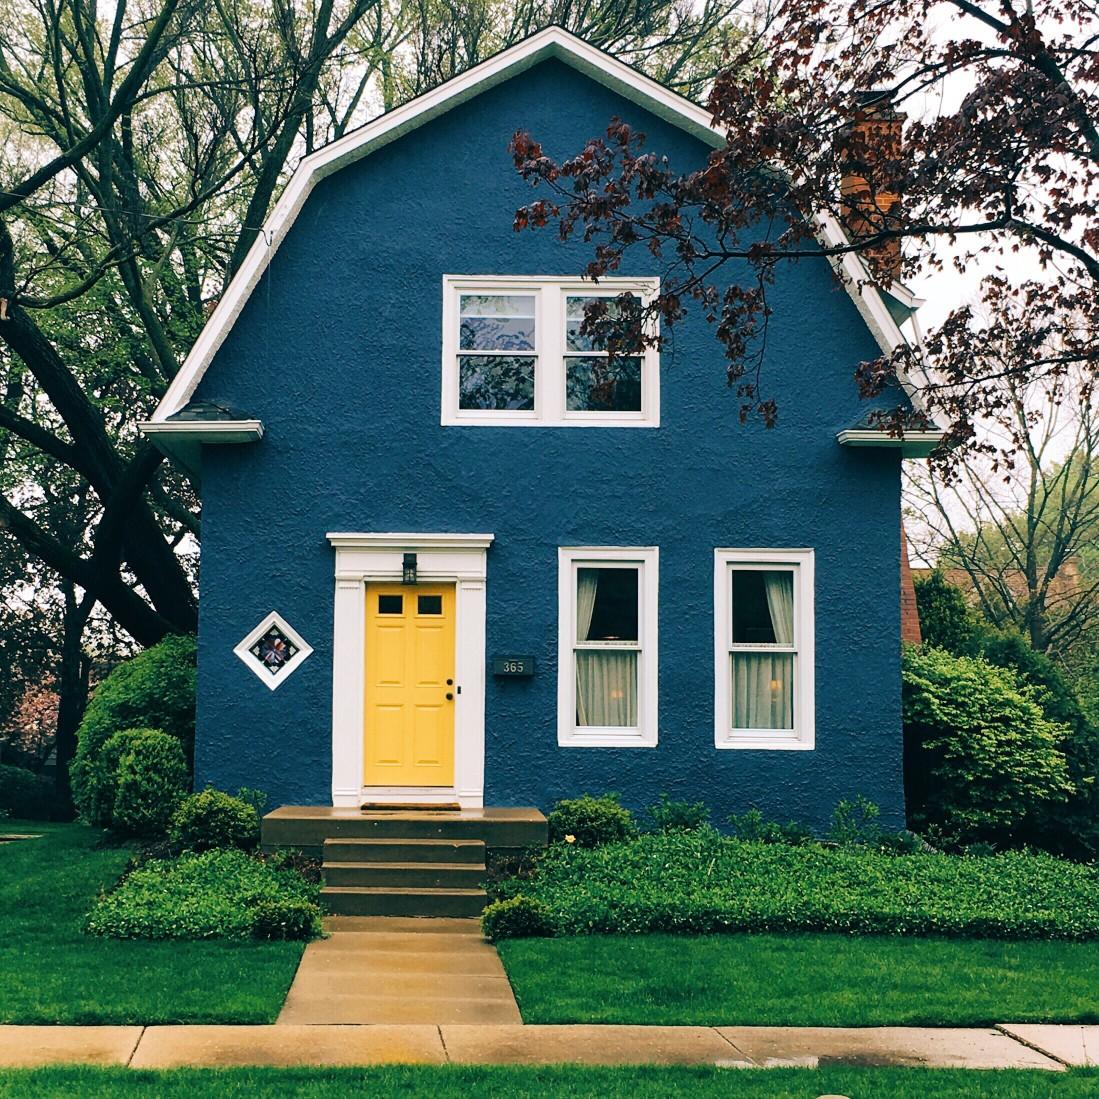 Stucco Siding on a house